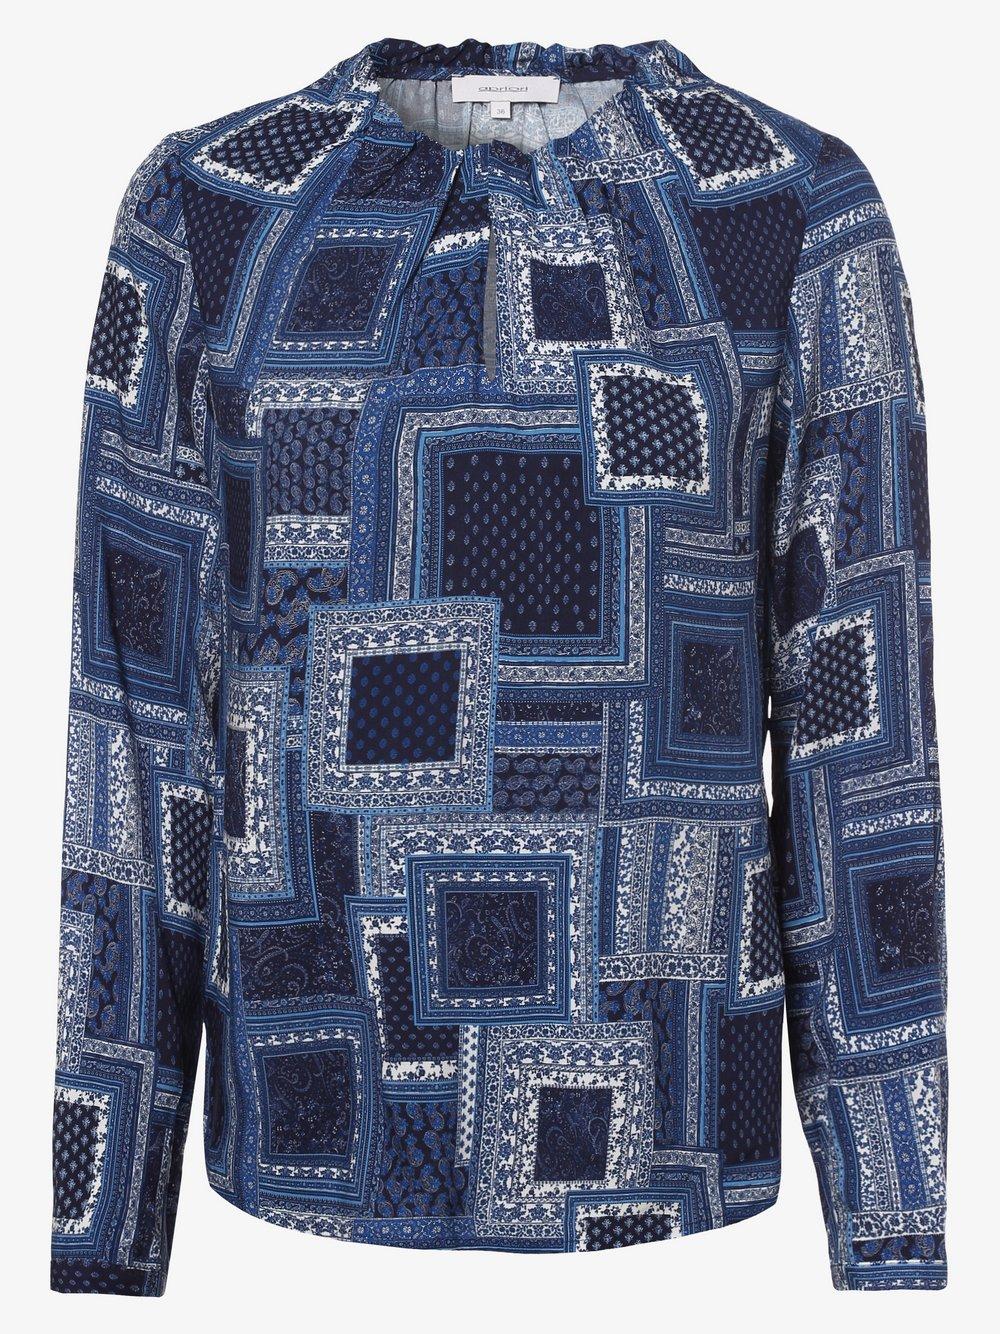 Apriori – Bluzka damska, niebieski Van Graaf 458409-0001-00380